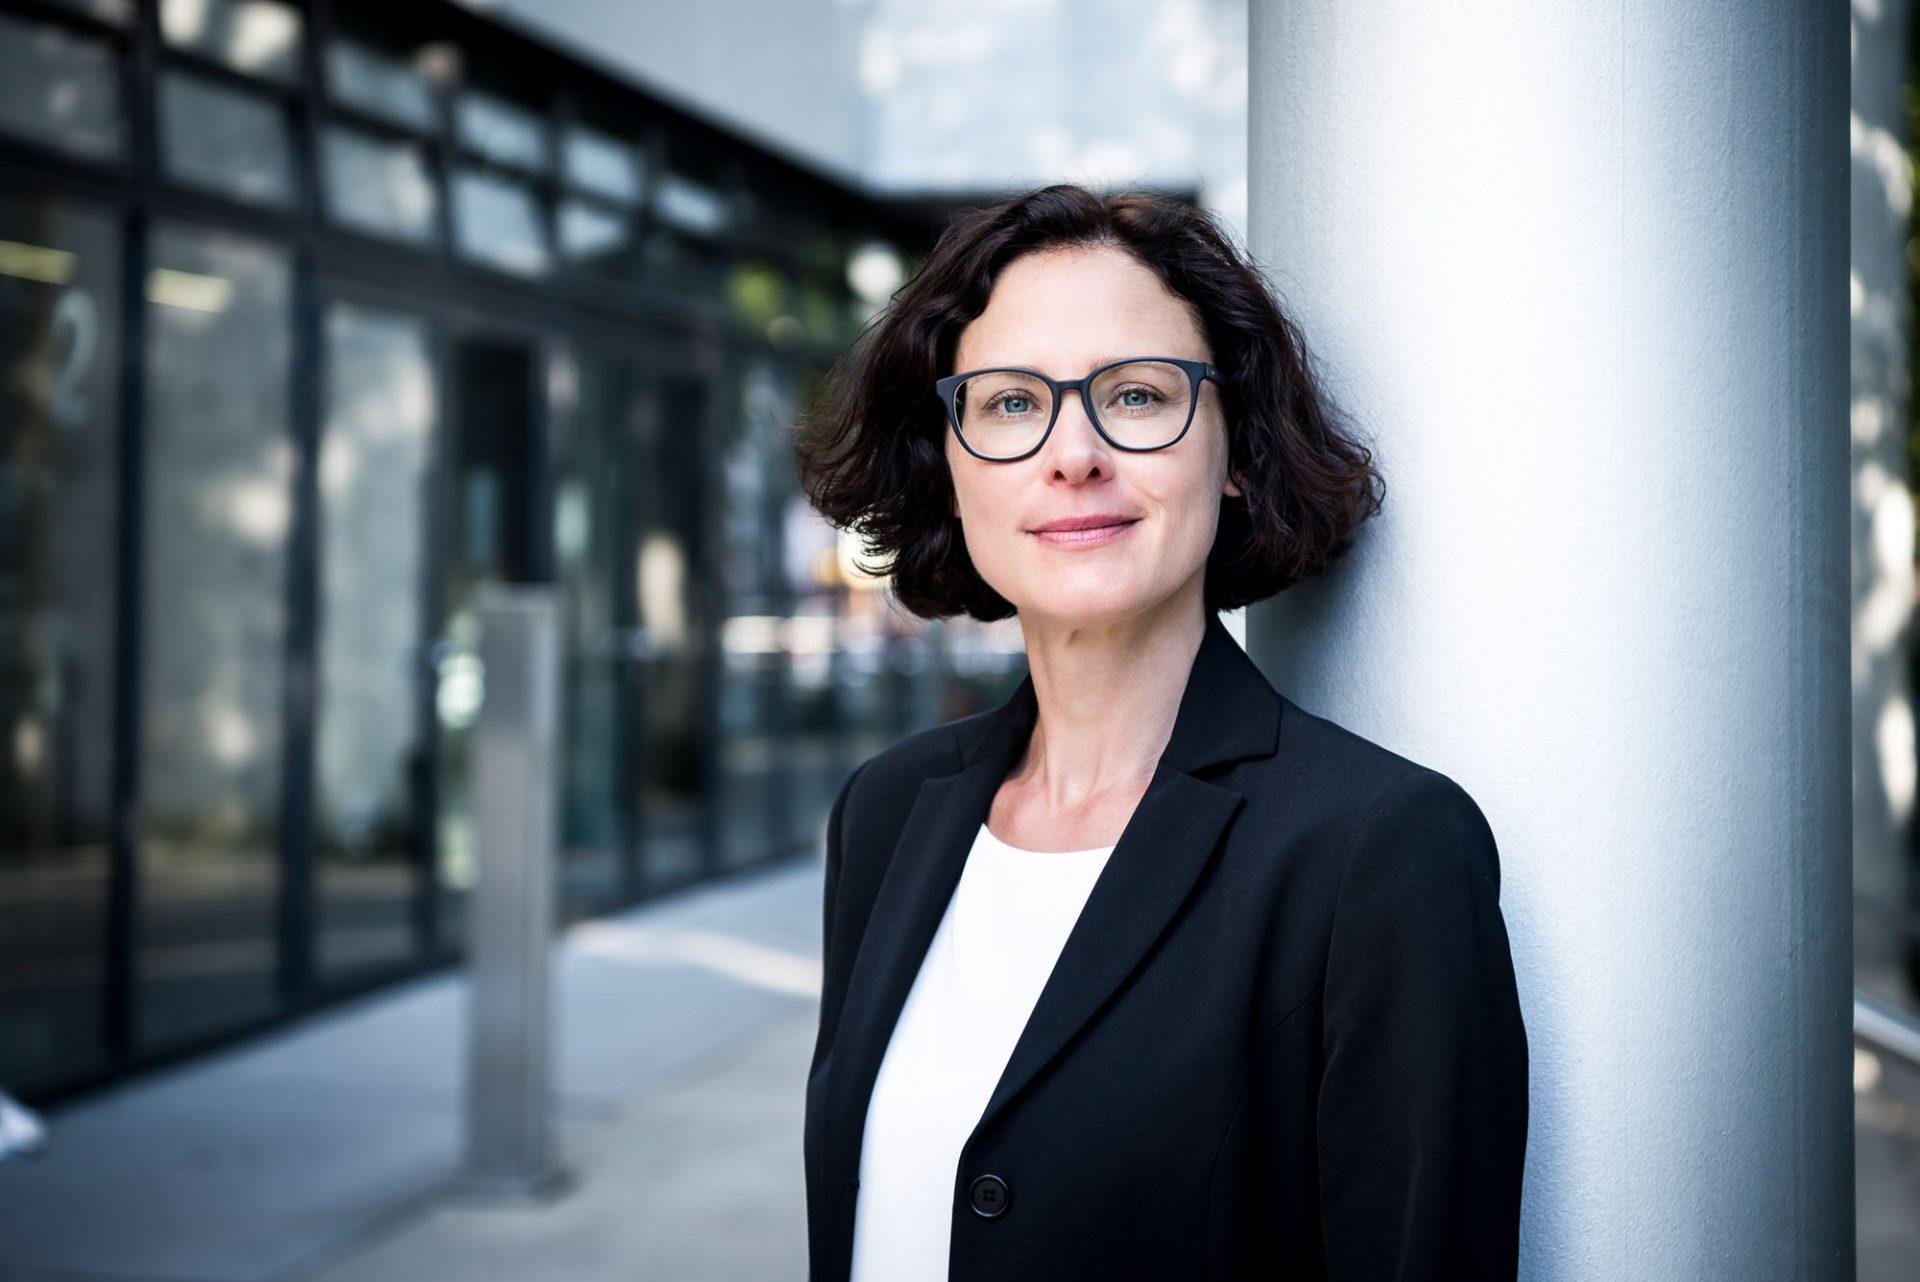 Business-Portrait einer Frau von unserer Fotografin in Karlsruhe ©Offenblende / Chiara CHBE